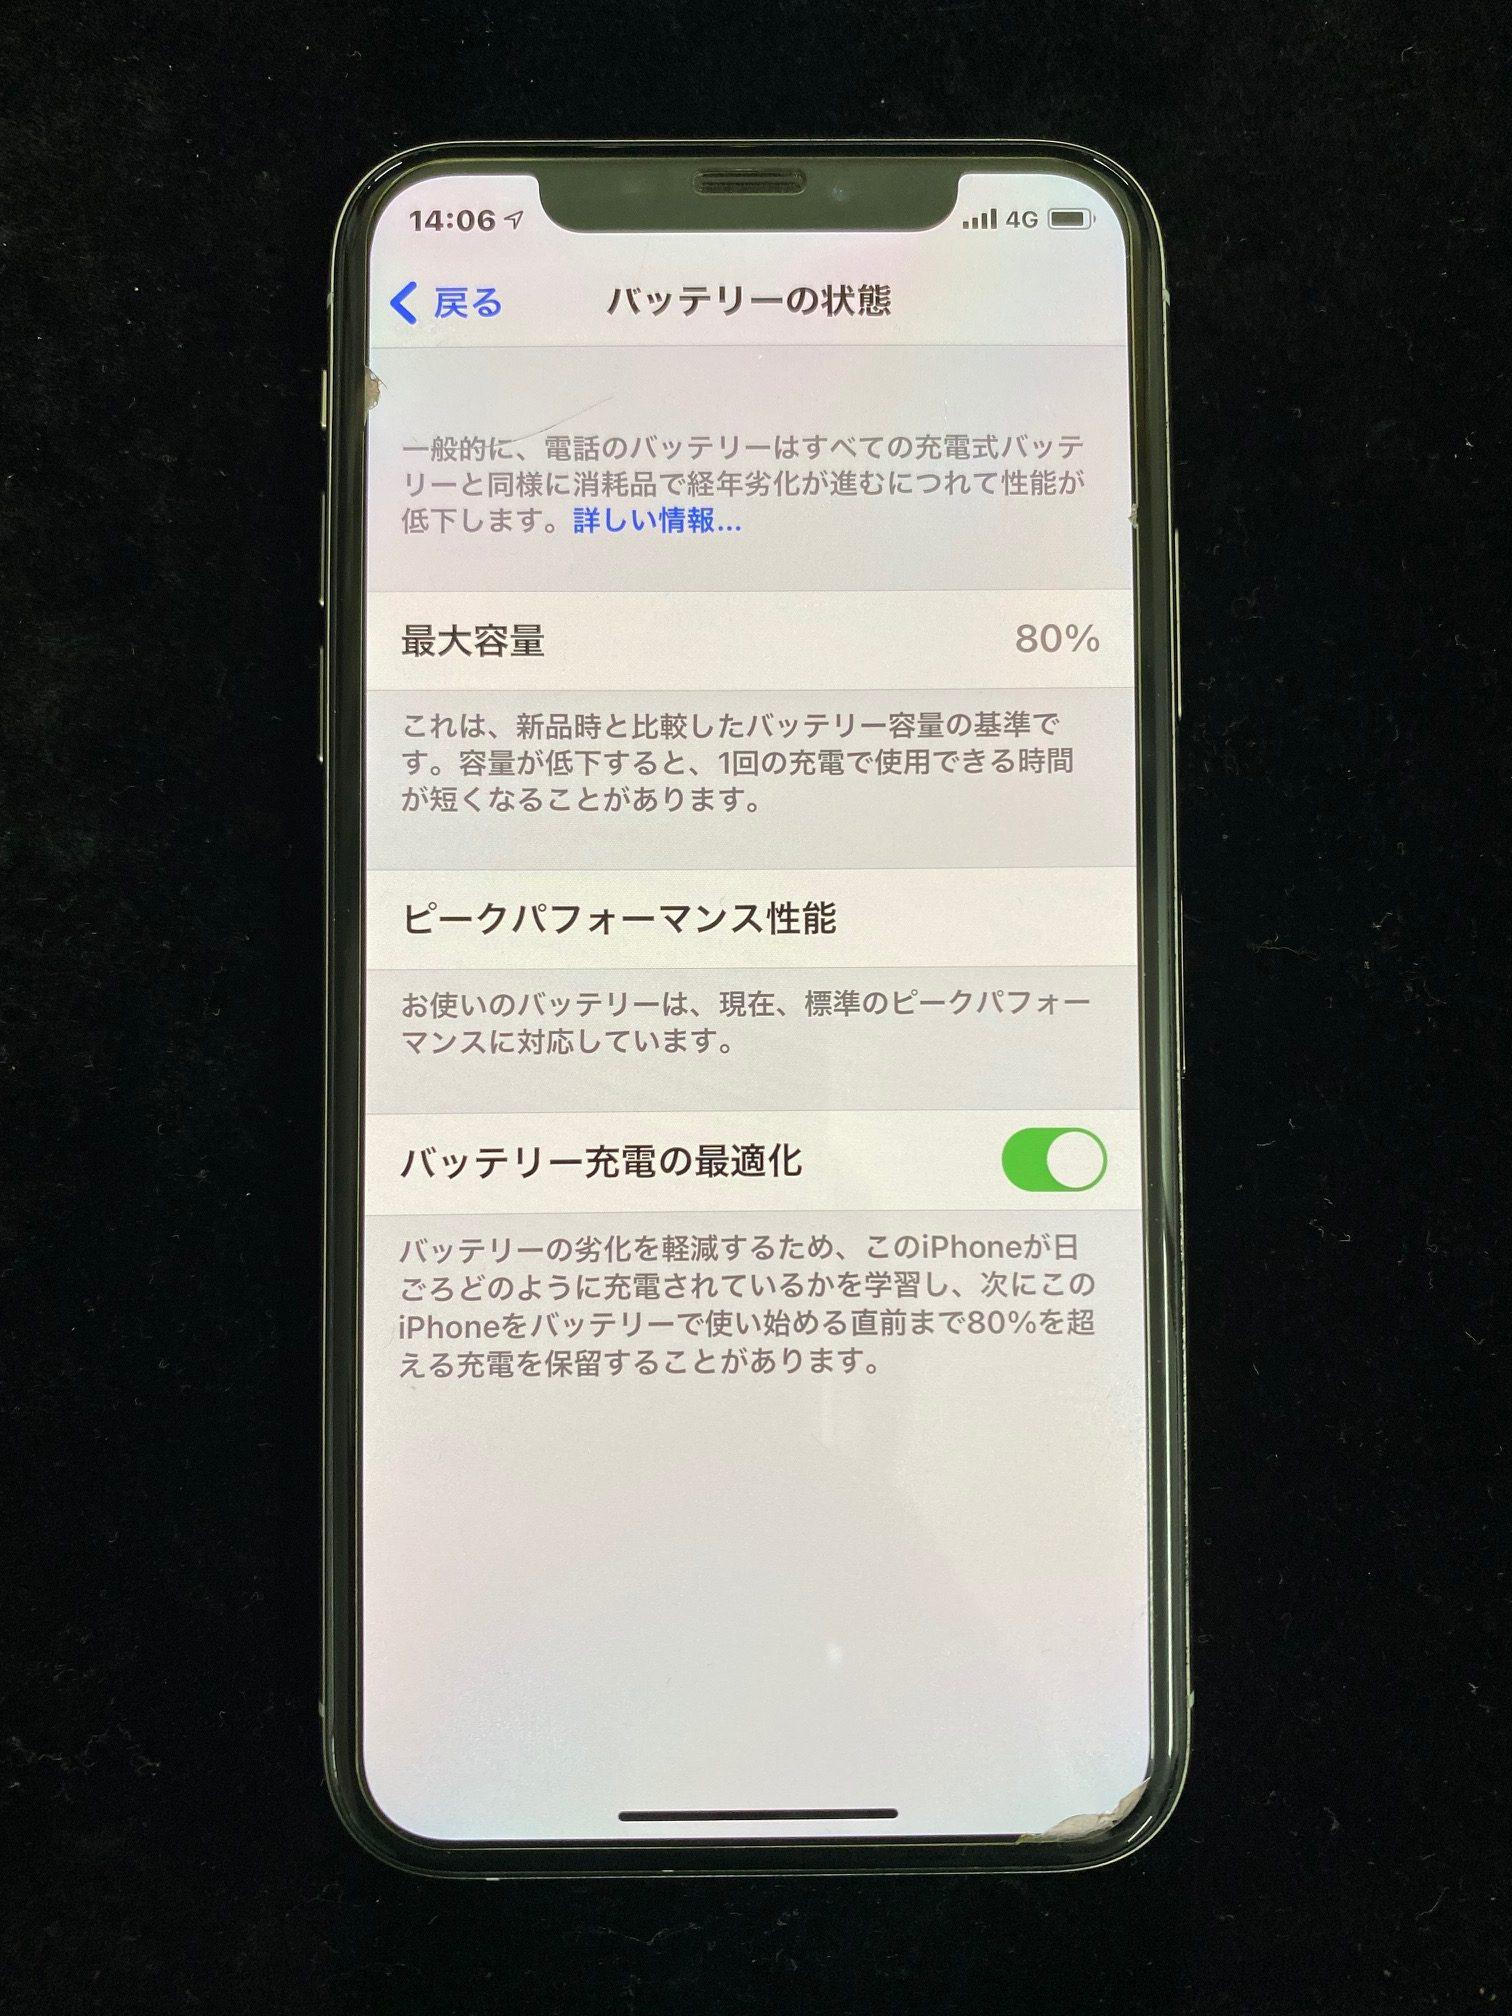 iPhoneXsバッテリー交換修理のご依頼